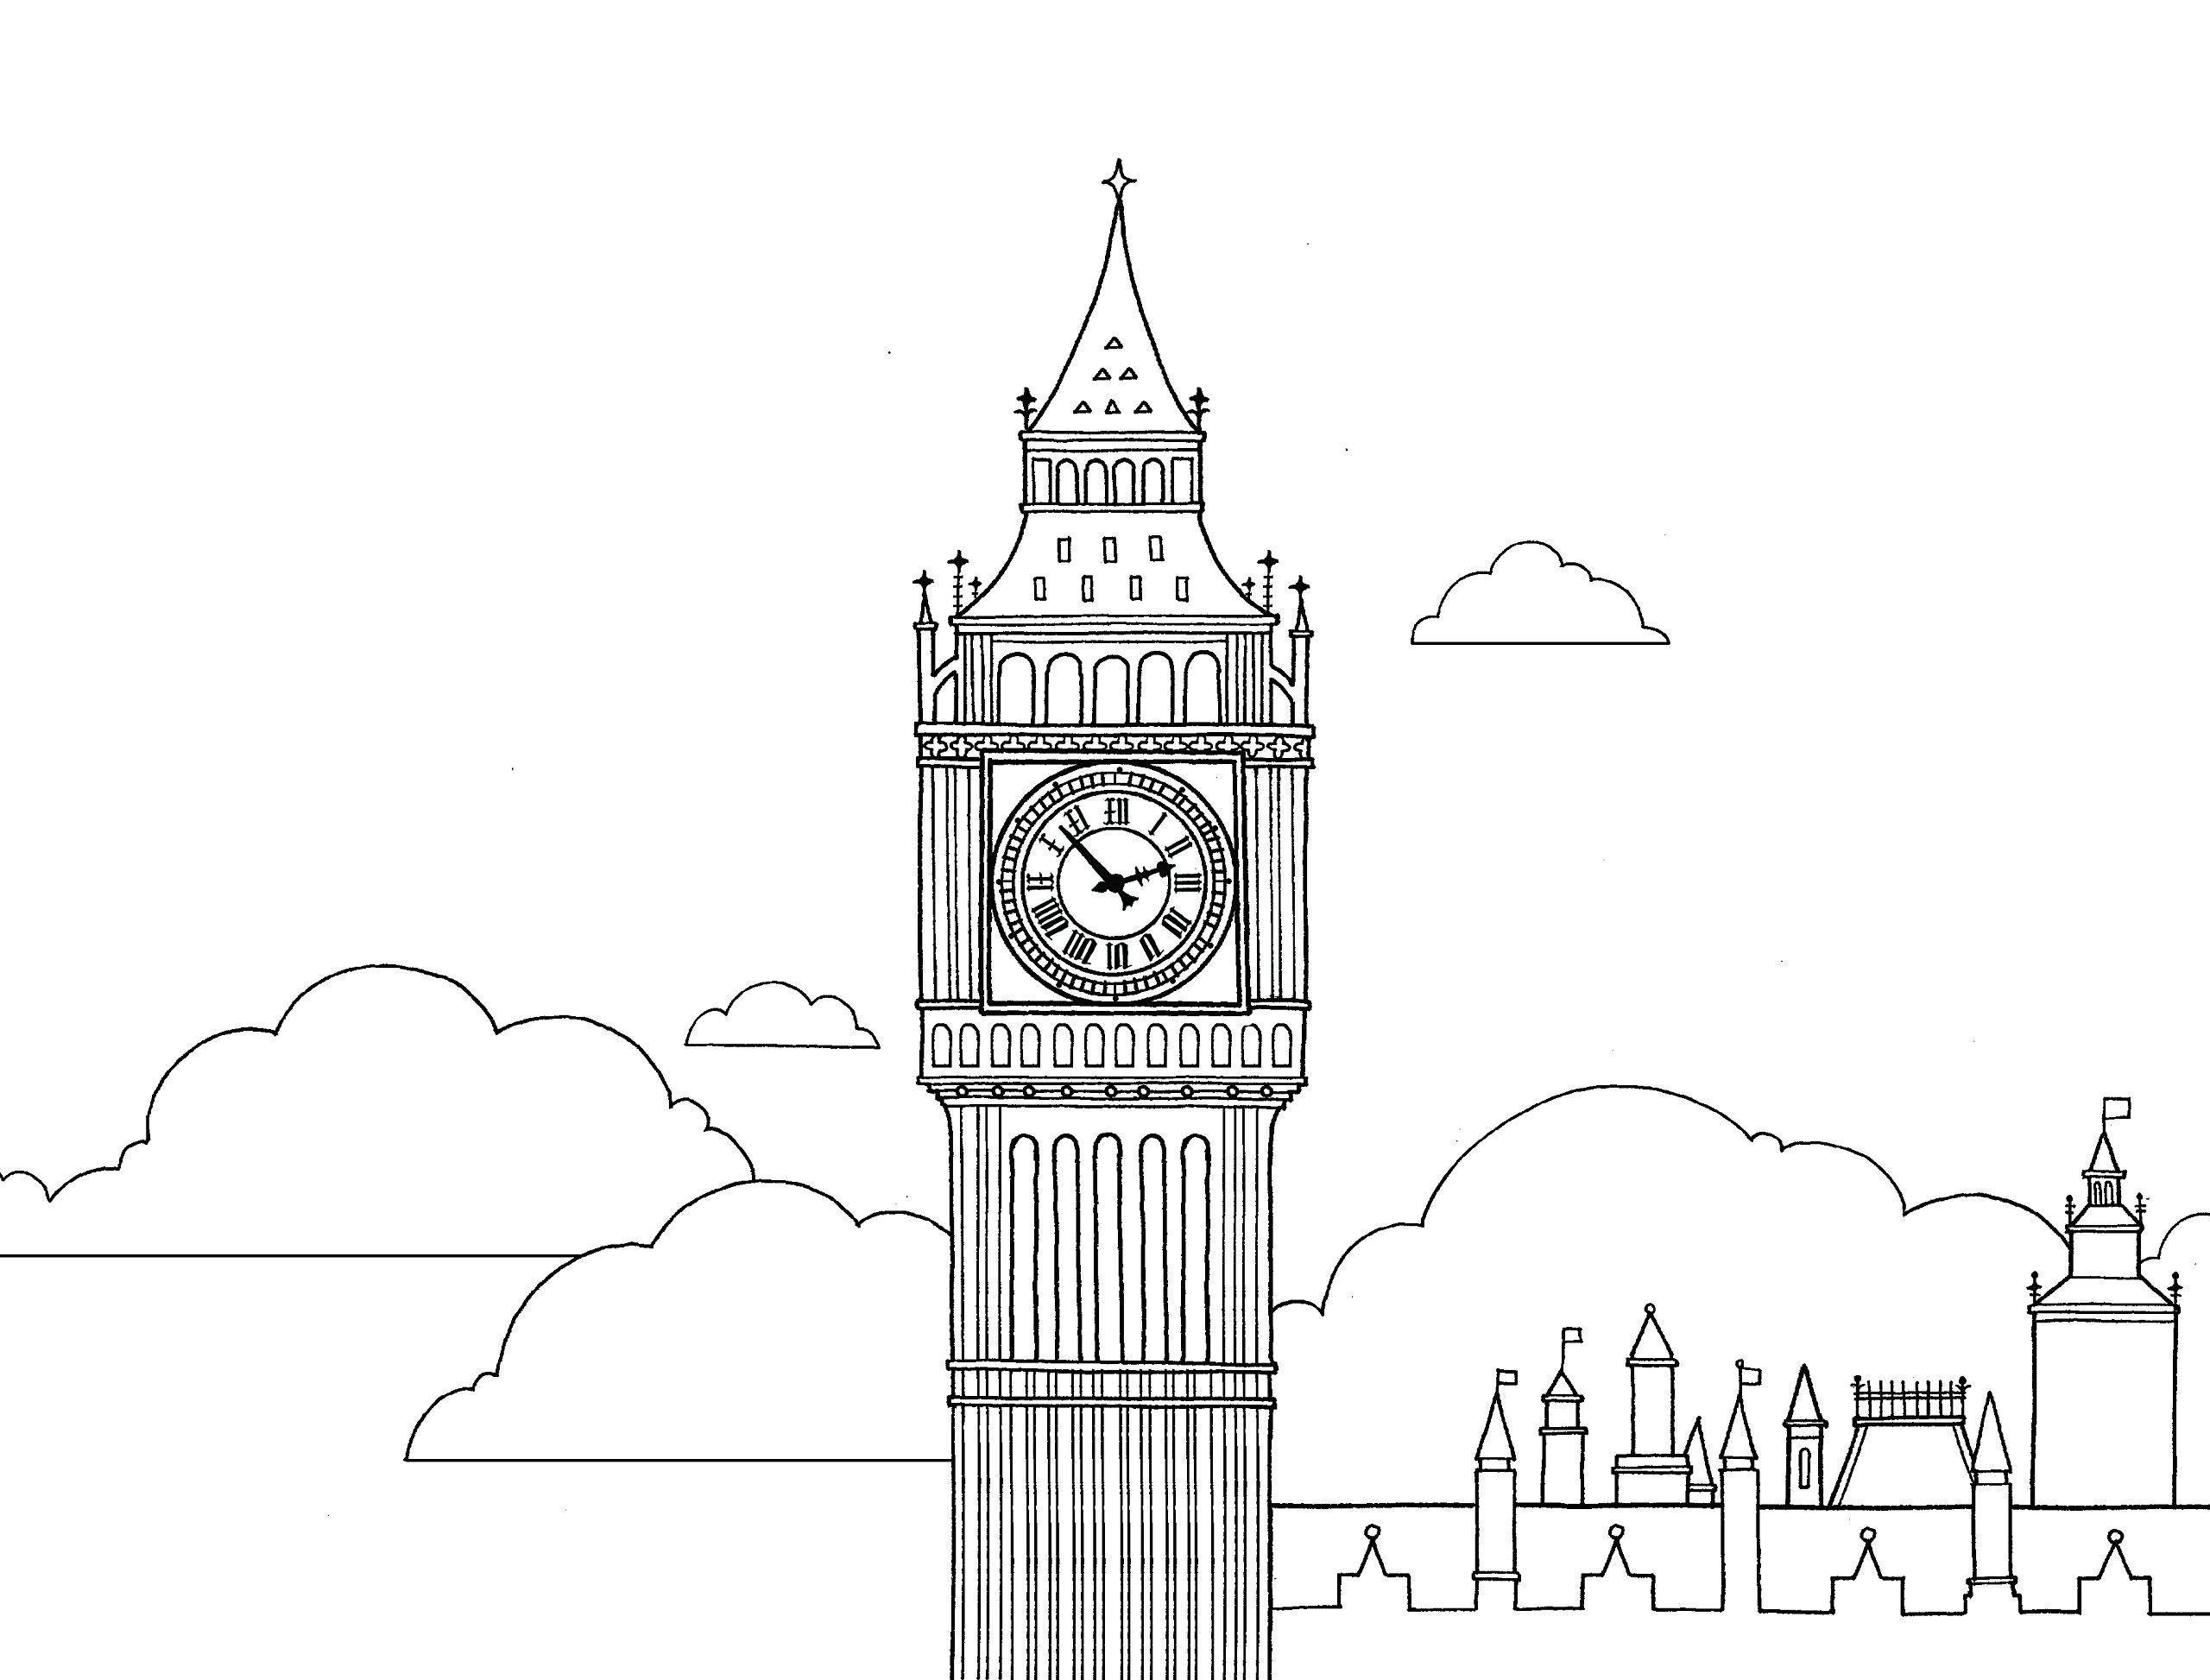 Раскраски сложные для взрослых антистресс «Биг-Бен в Лондоне», чтобы распечатать